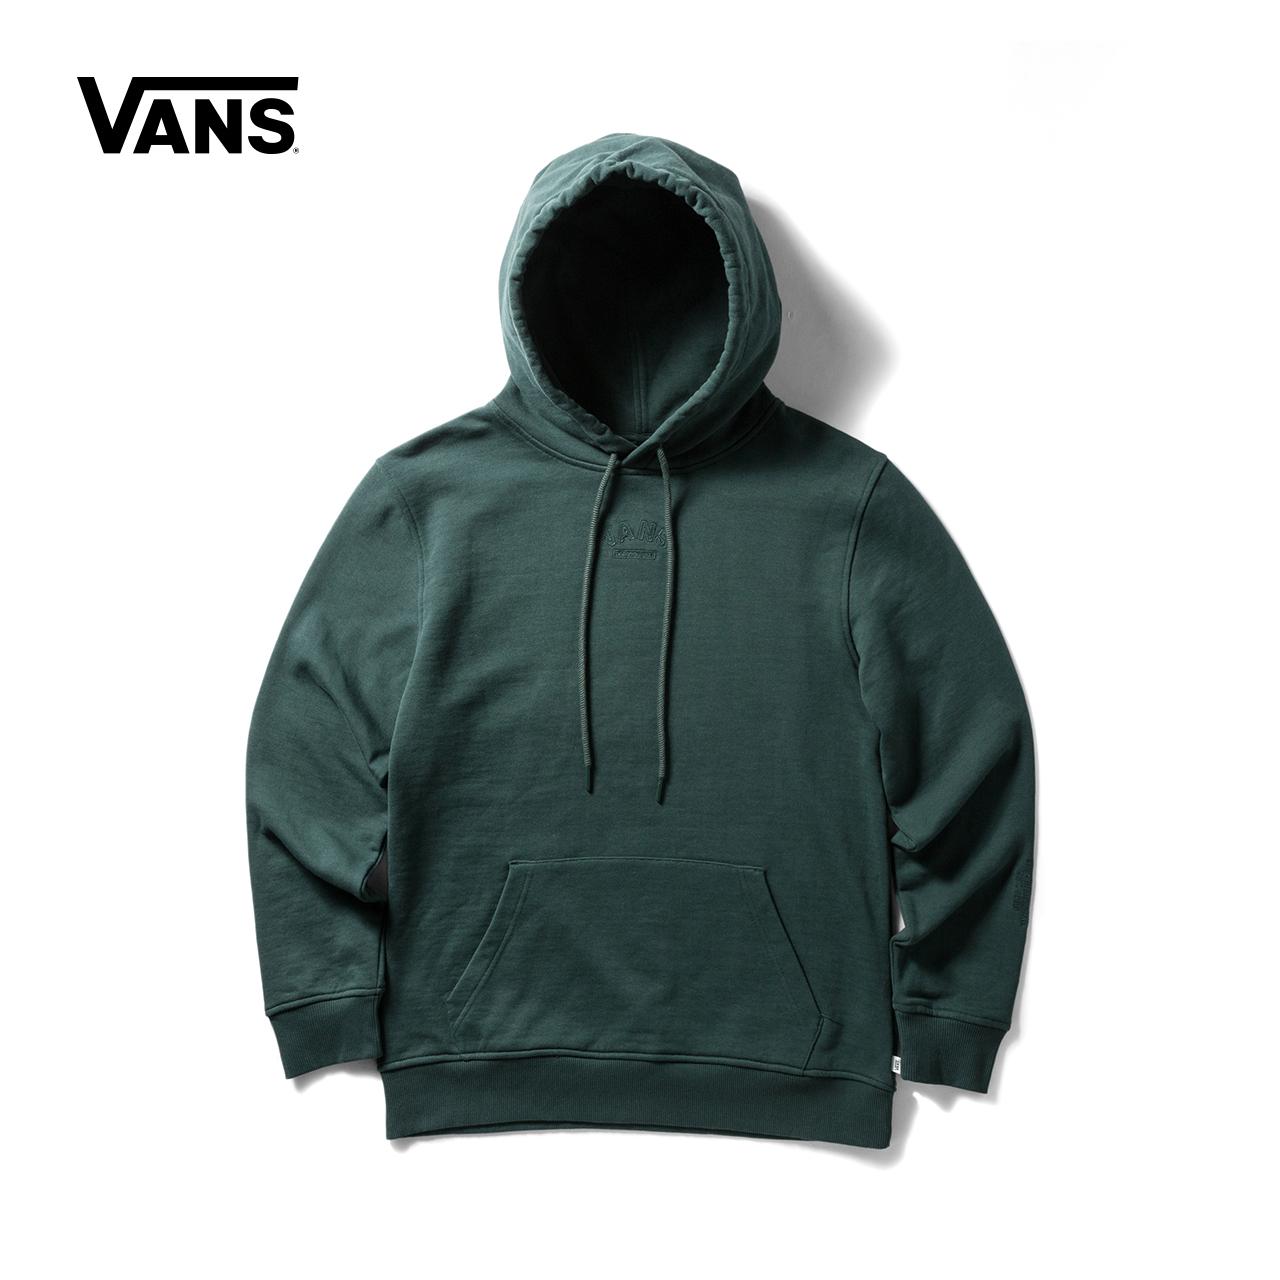 Vans 范斯官方秋季女款加绒连帽卫衣|VN0A3QRFREX-YDX